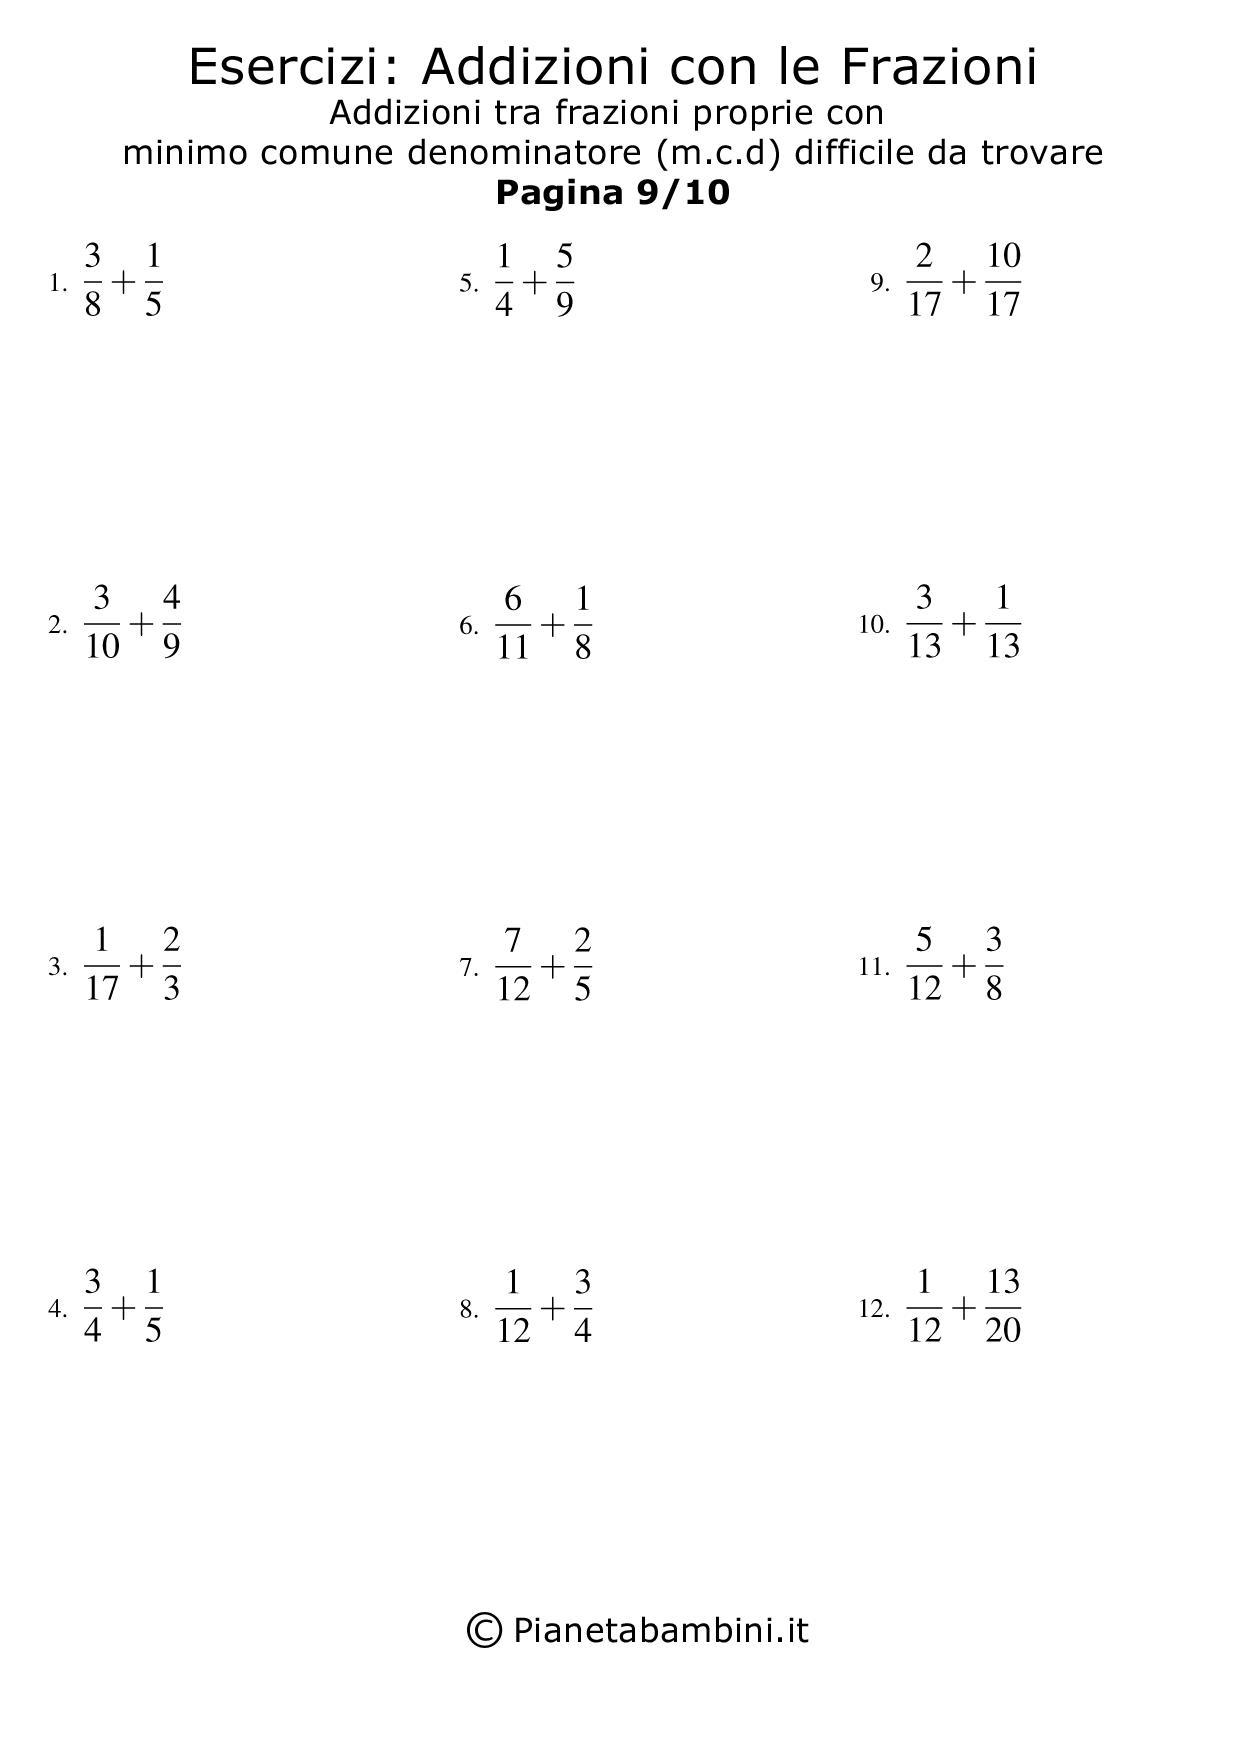 Frazioni-Facili-m.c.d-difficile_09